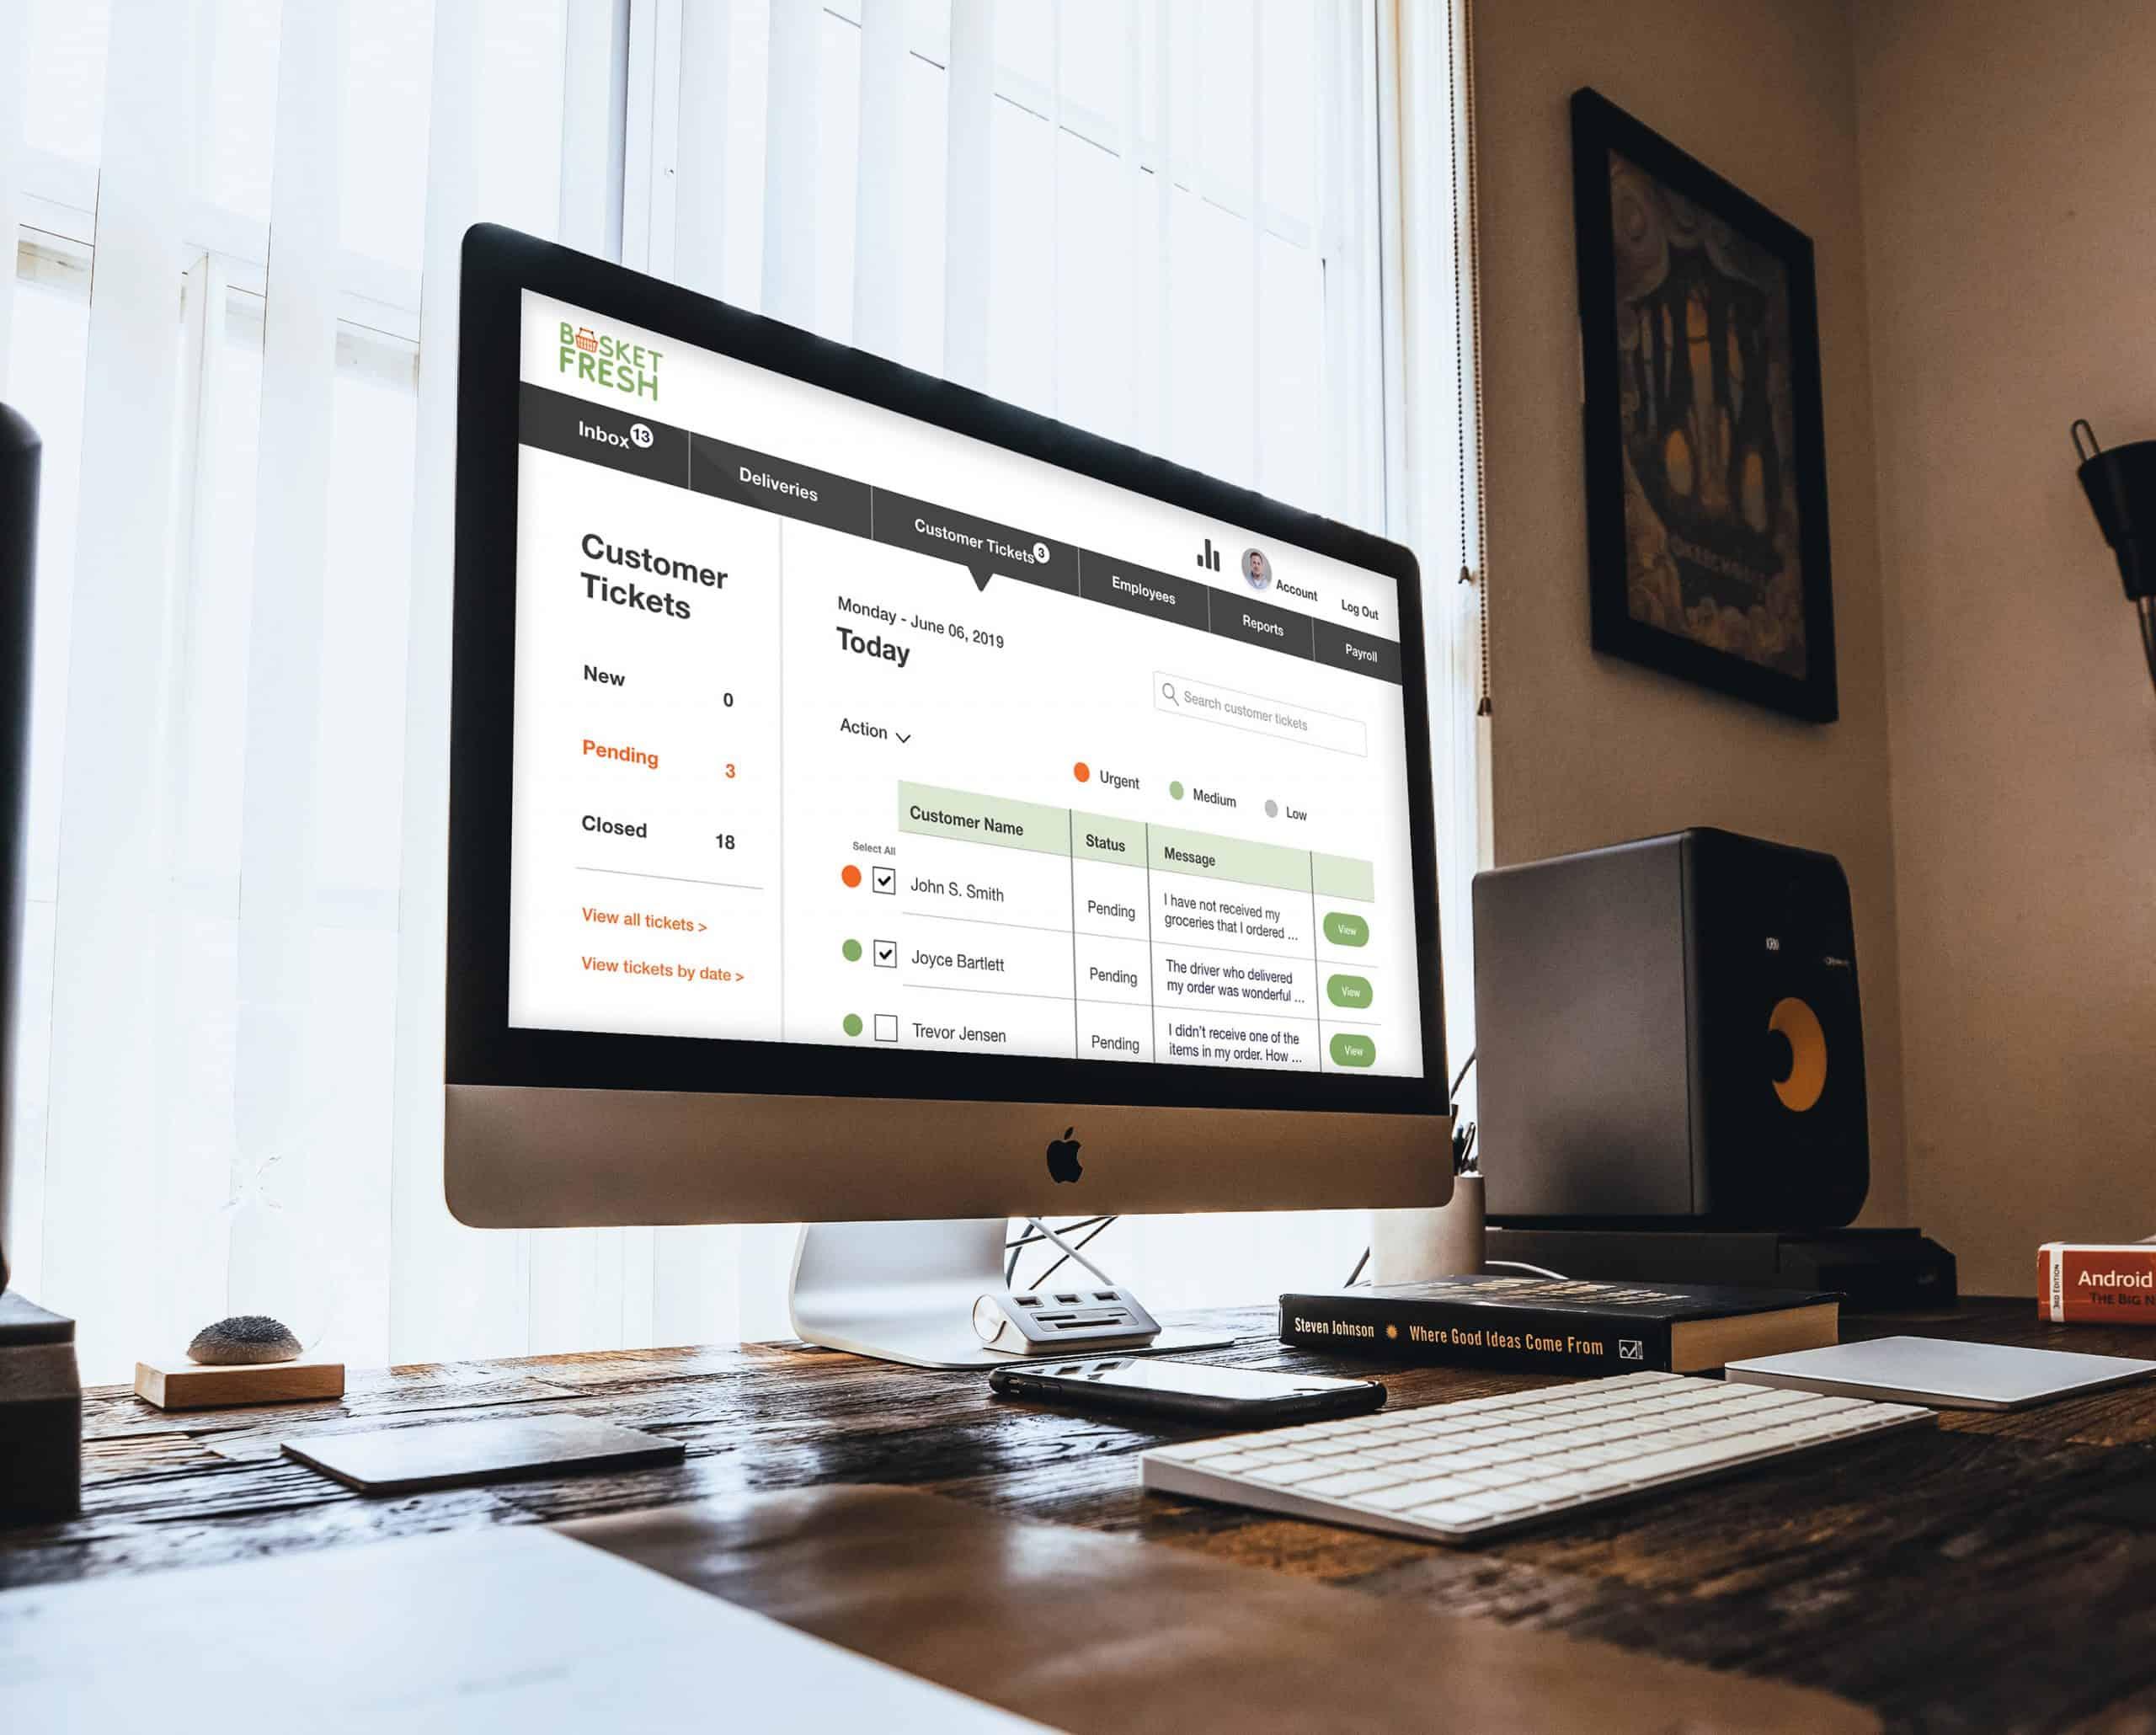 Basket Fresh Web Design Mockup